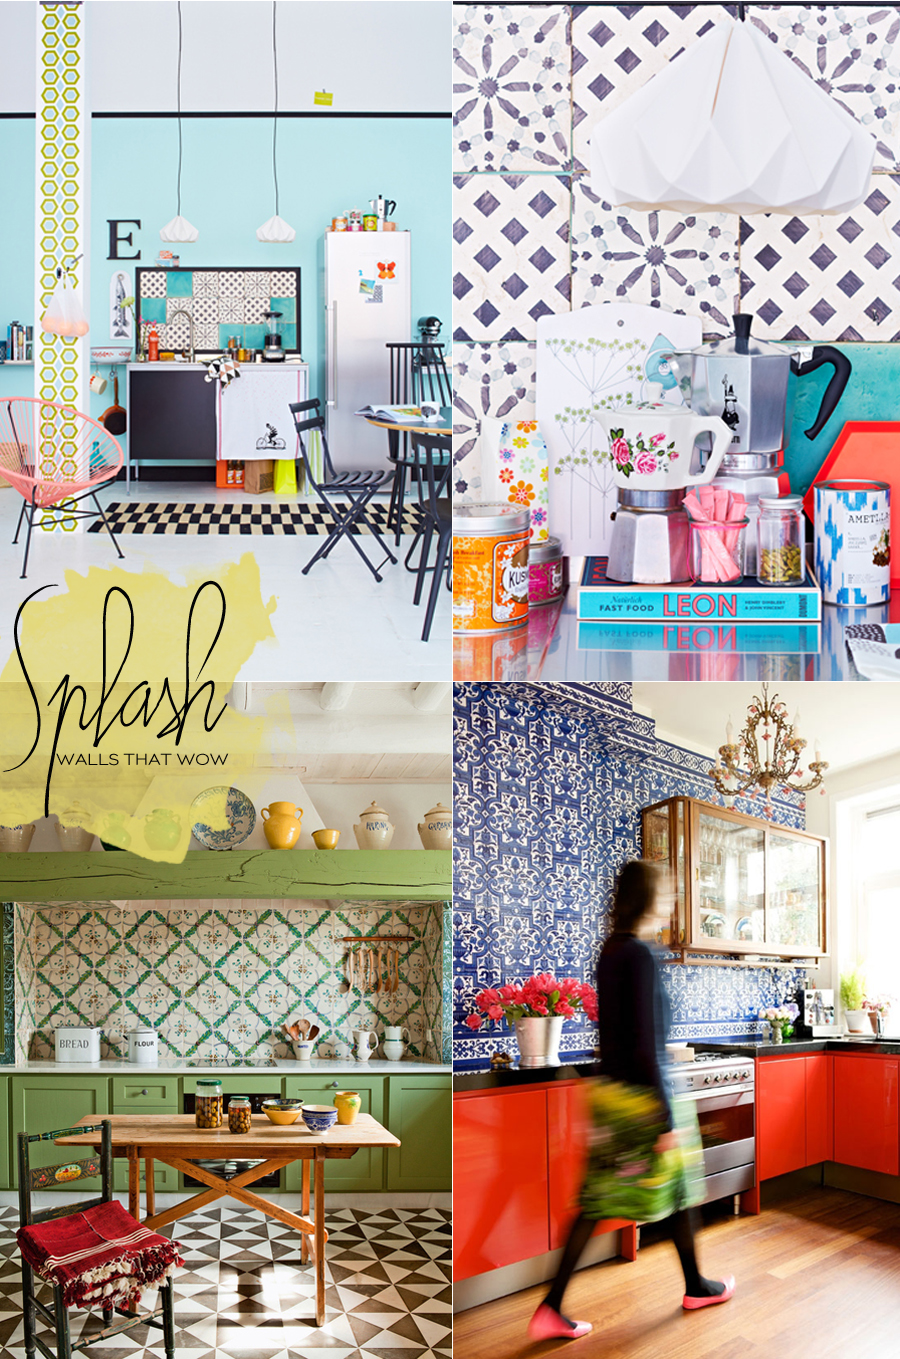 Backsplash Tile Trends In The Kitchen | Dine X Design